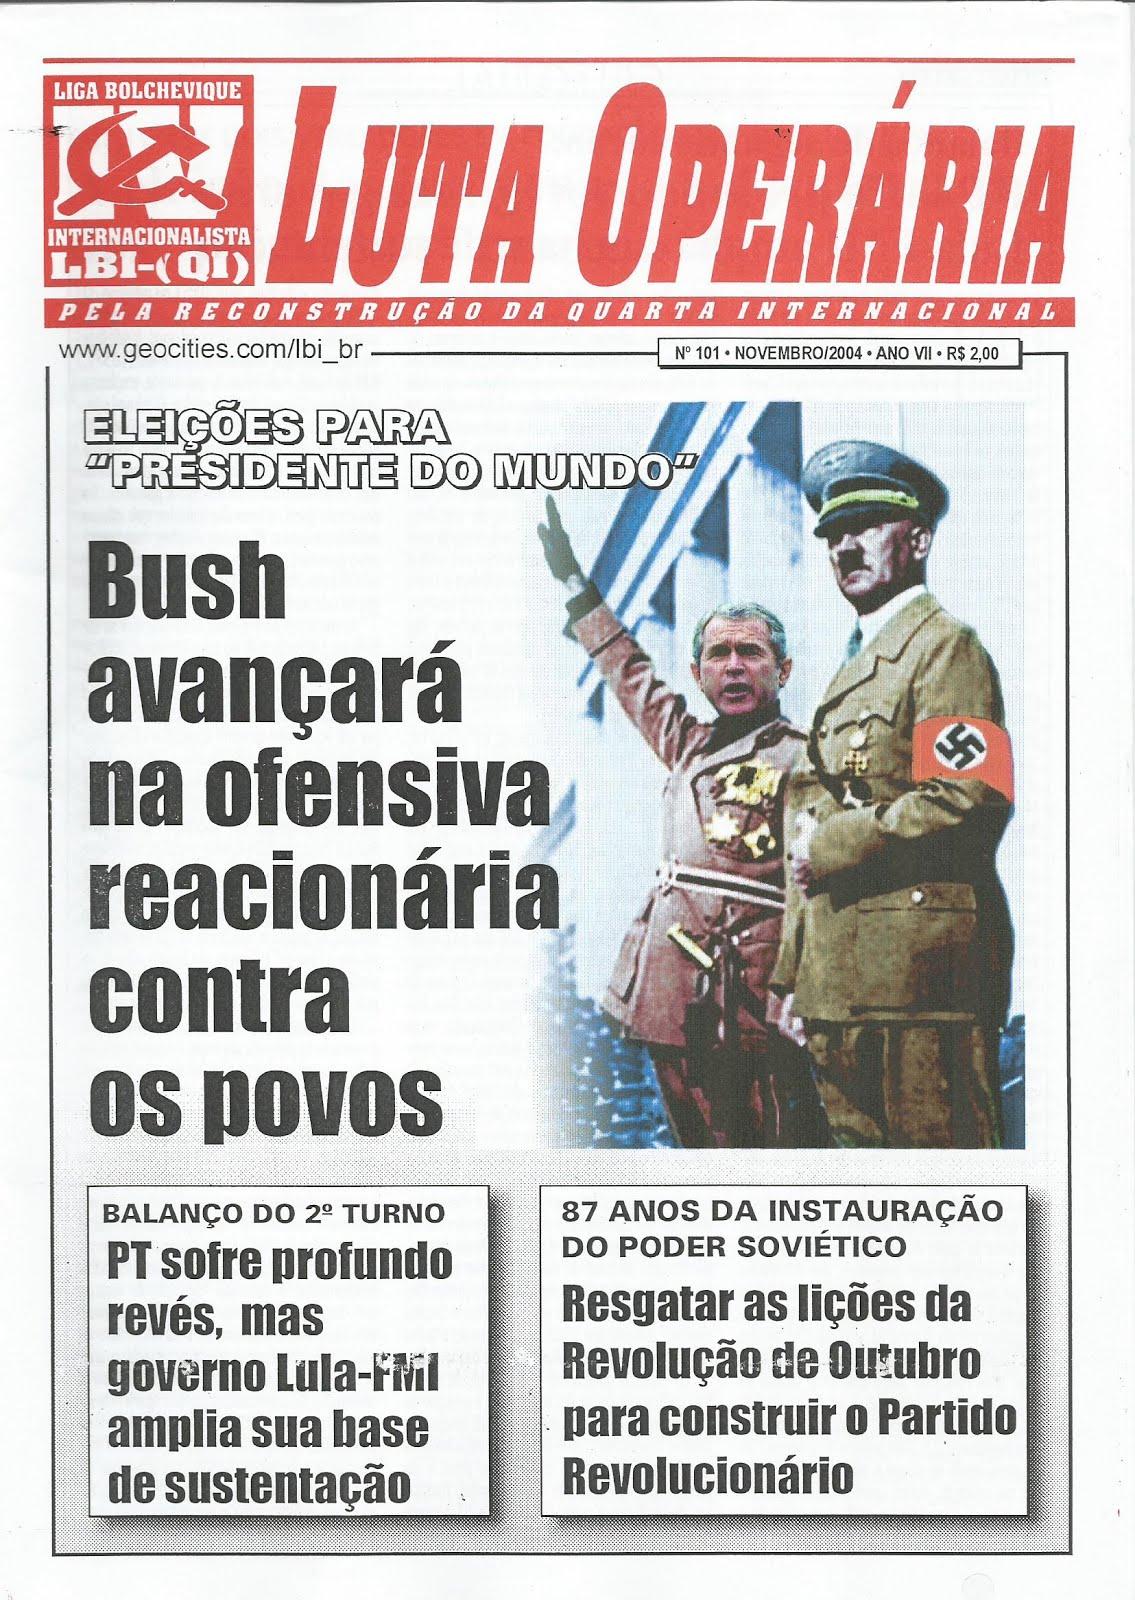 LEIA A EDIÇÃO DO JORNAL LUTA OPERÁRIA Nº101, NOVEMBRO/2004